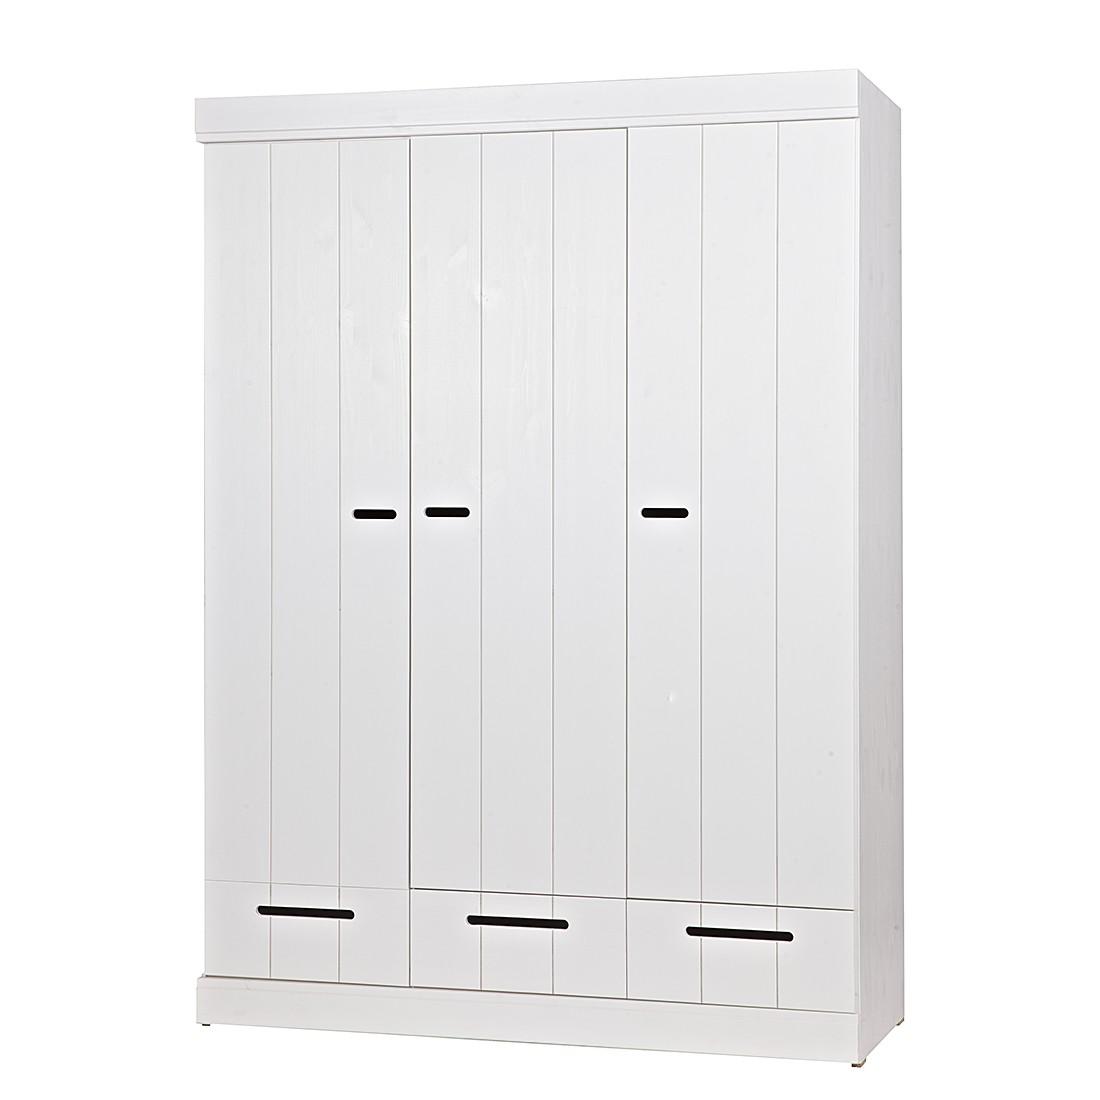 Kleiderschrank Connect Drawer II –  Kiefer massiv – Cremeweiß, Woood günstig